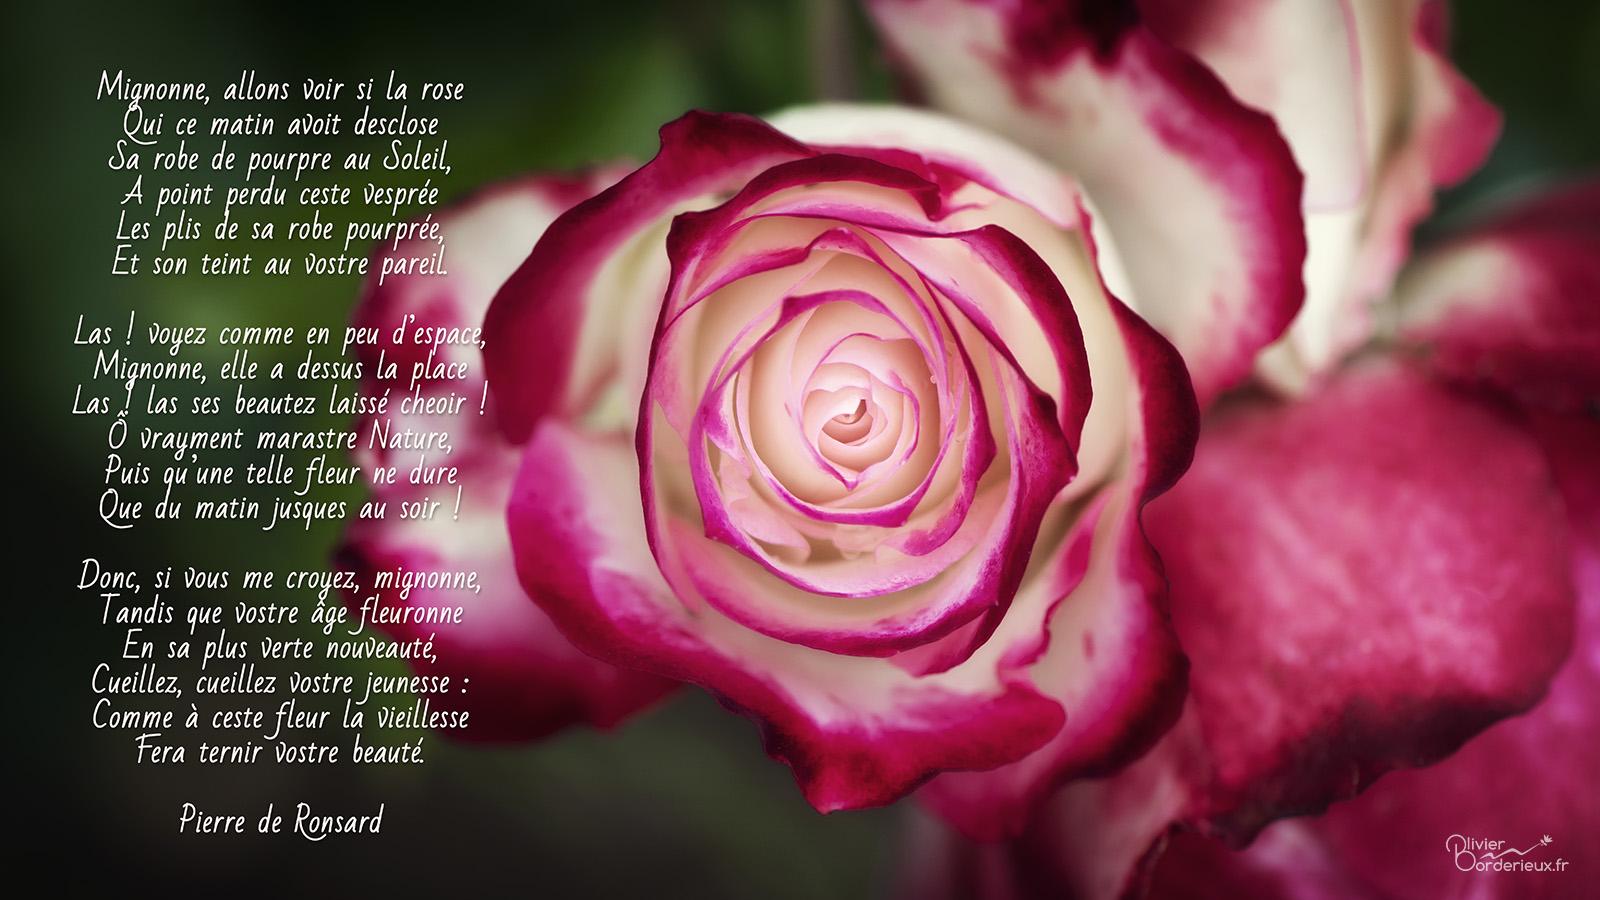 Mignonne alons voir si la rose